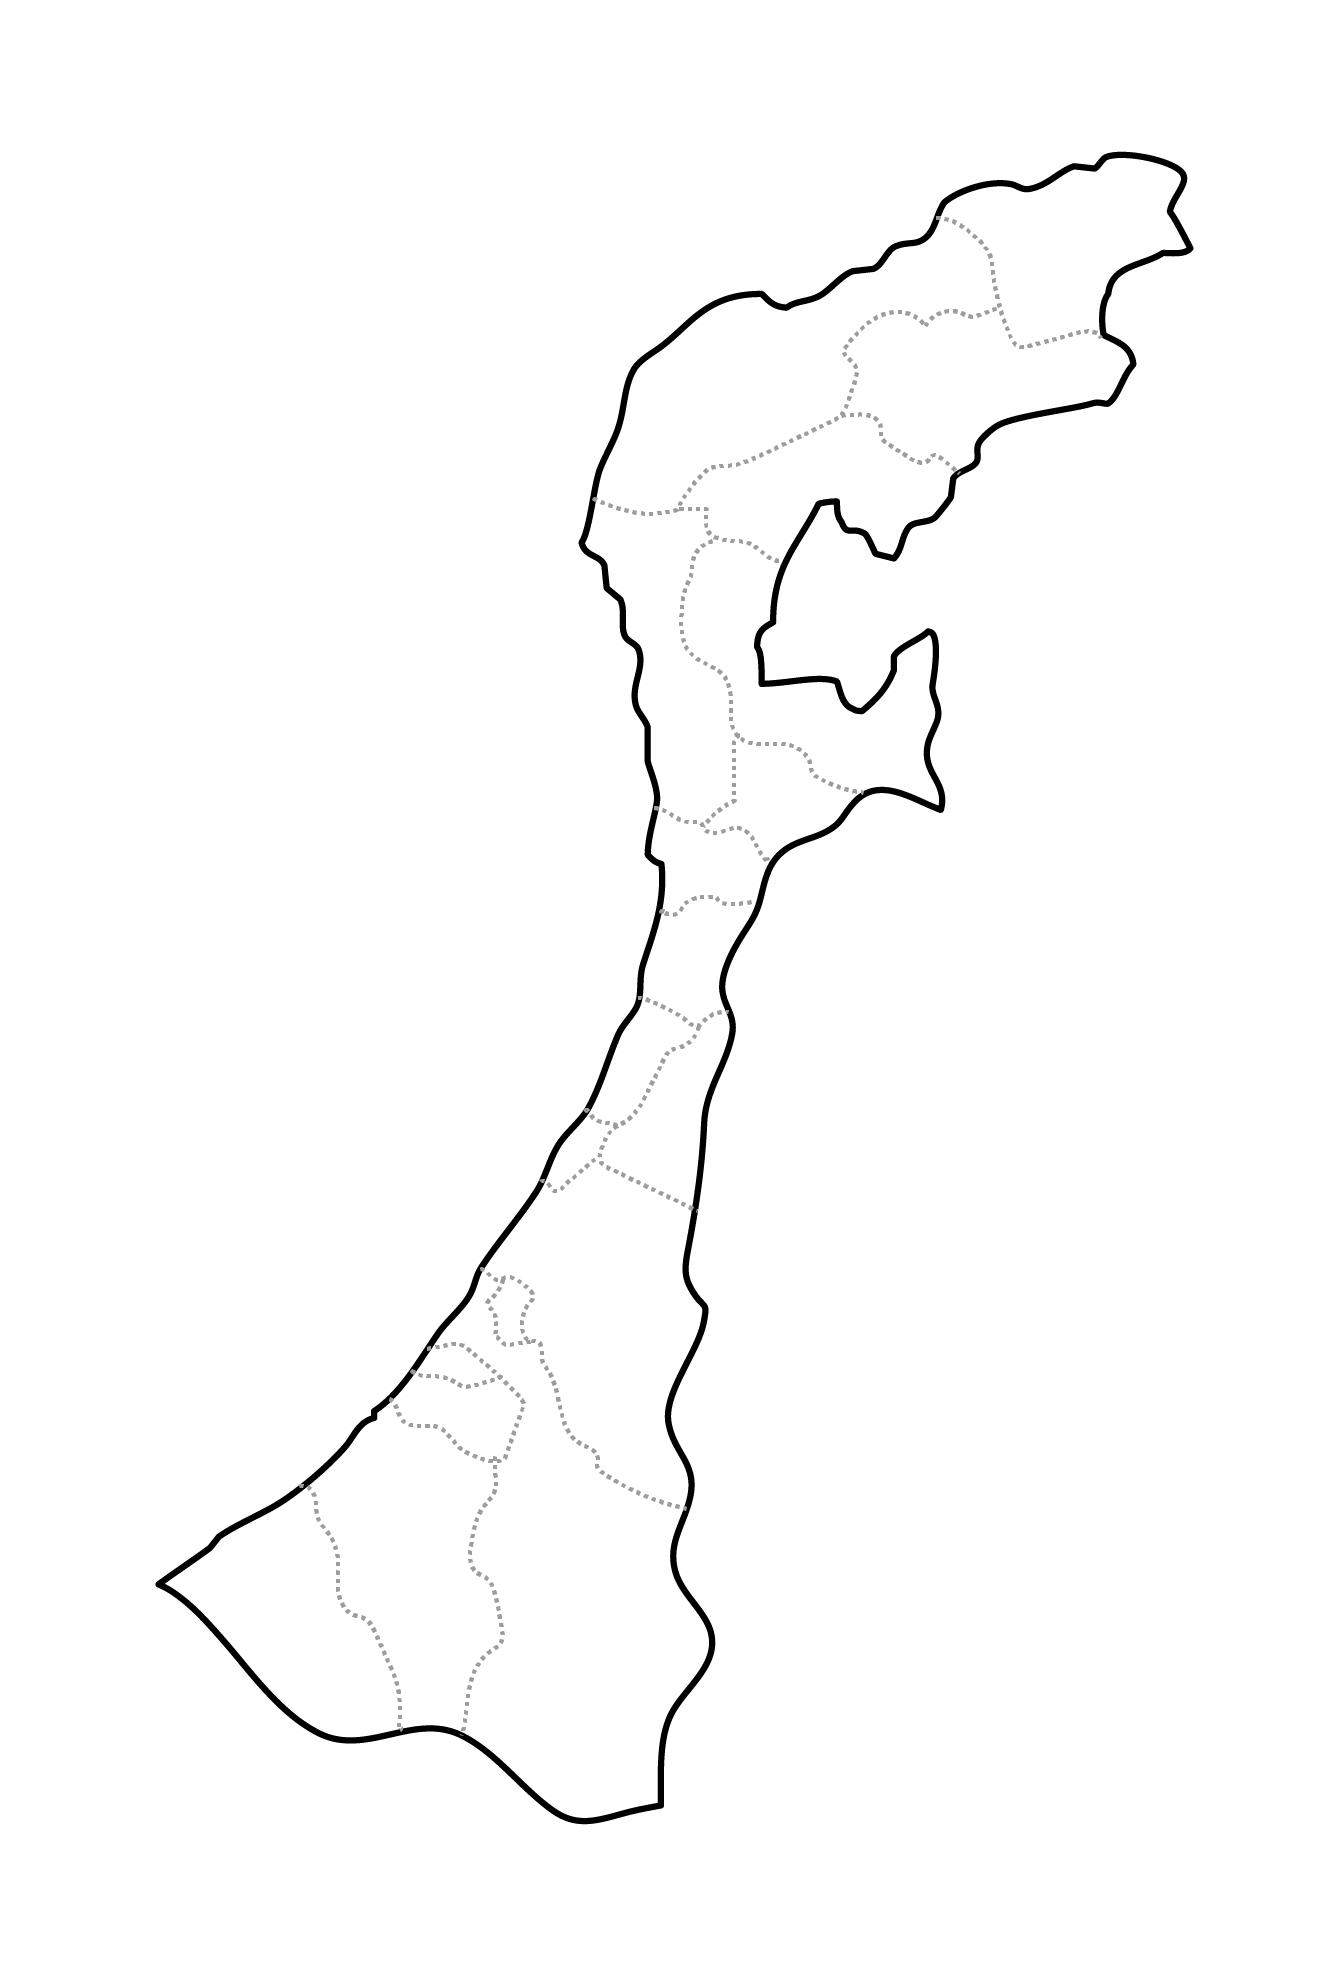 [白地図]石川県・ラインあり・市区町村名なし